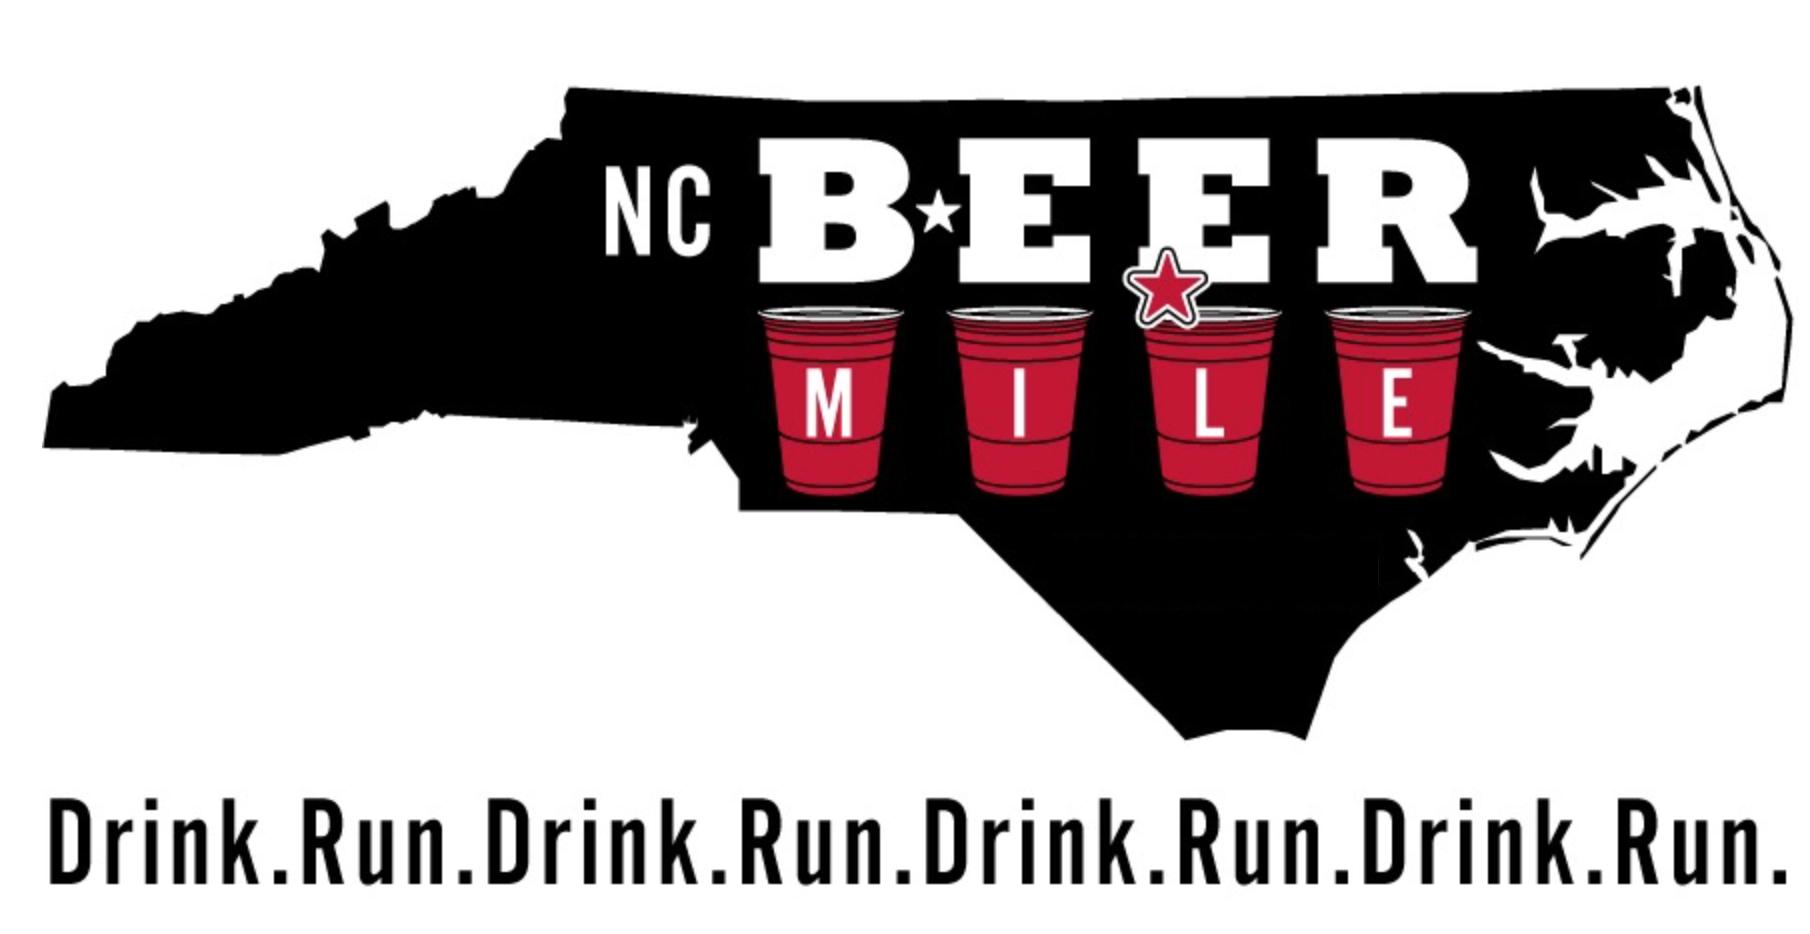 NC Beer Mile